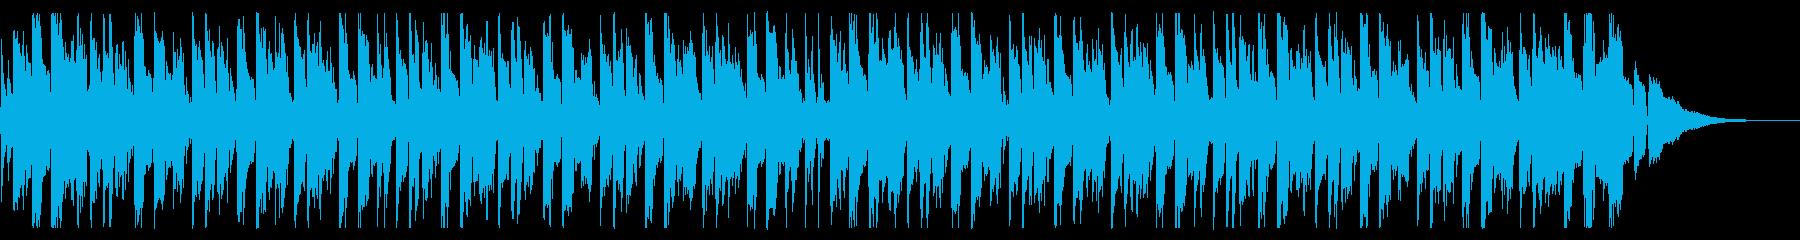 海を感じるトロピカルハウス_4の再生済みの波形